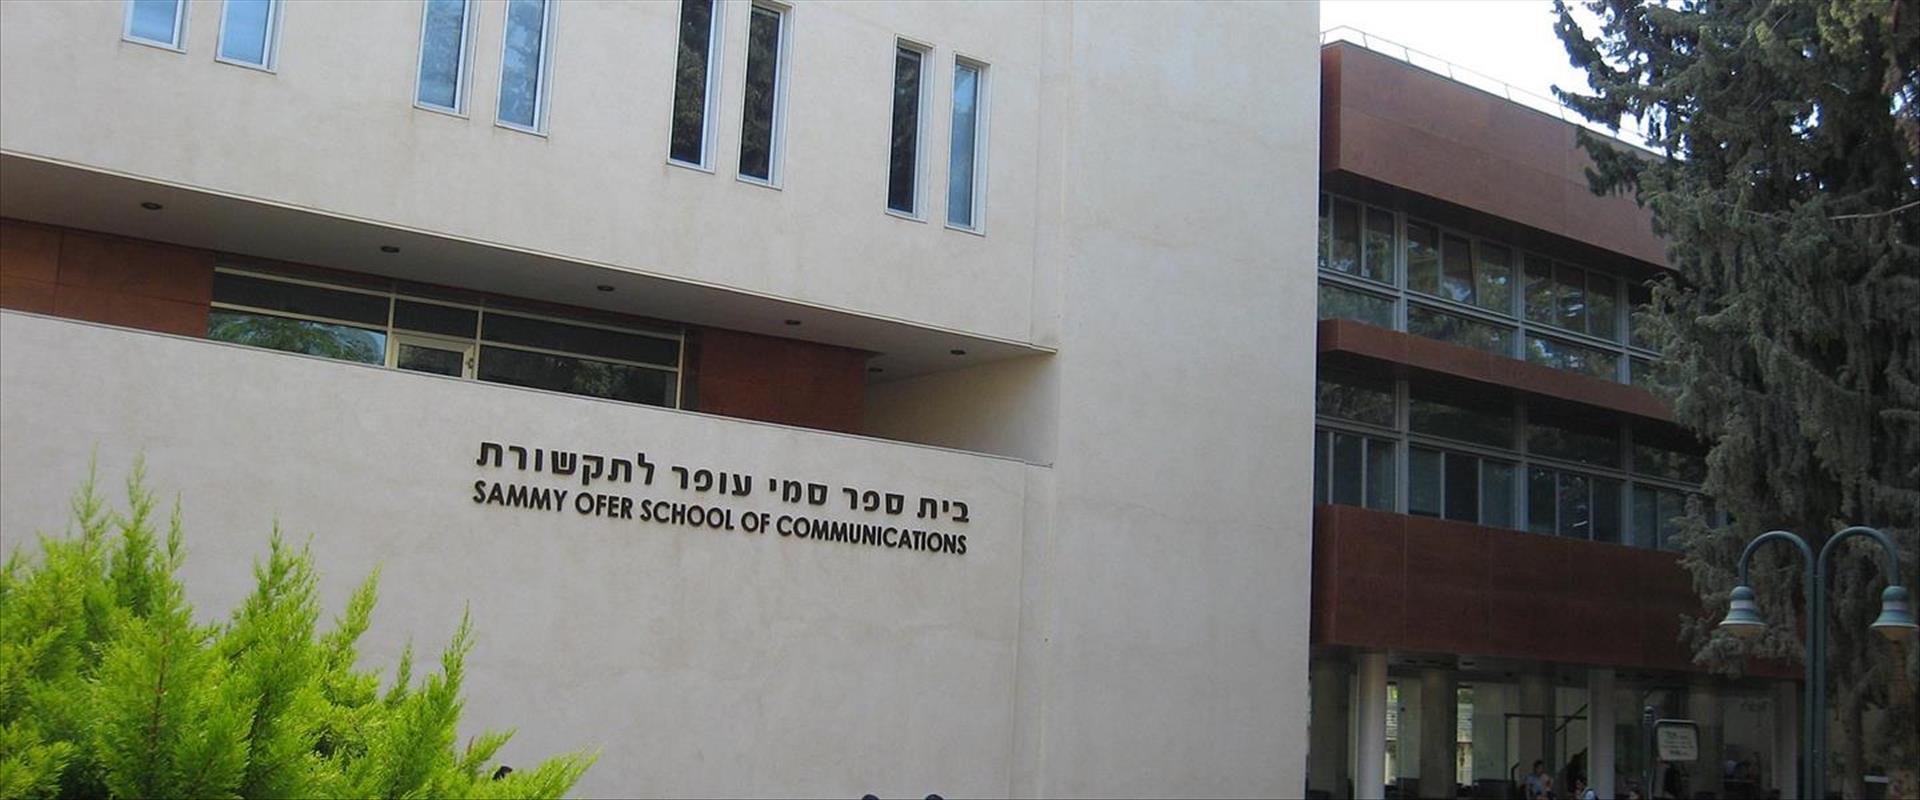 המרכז הבינתחומי